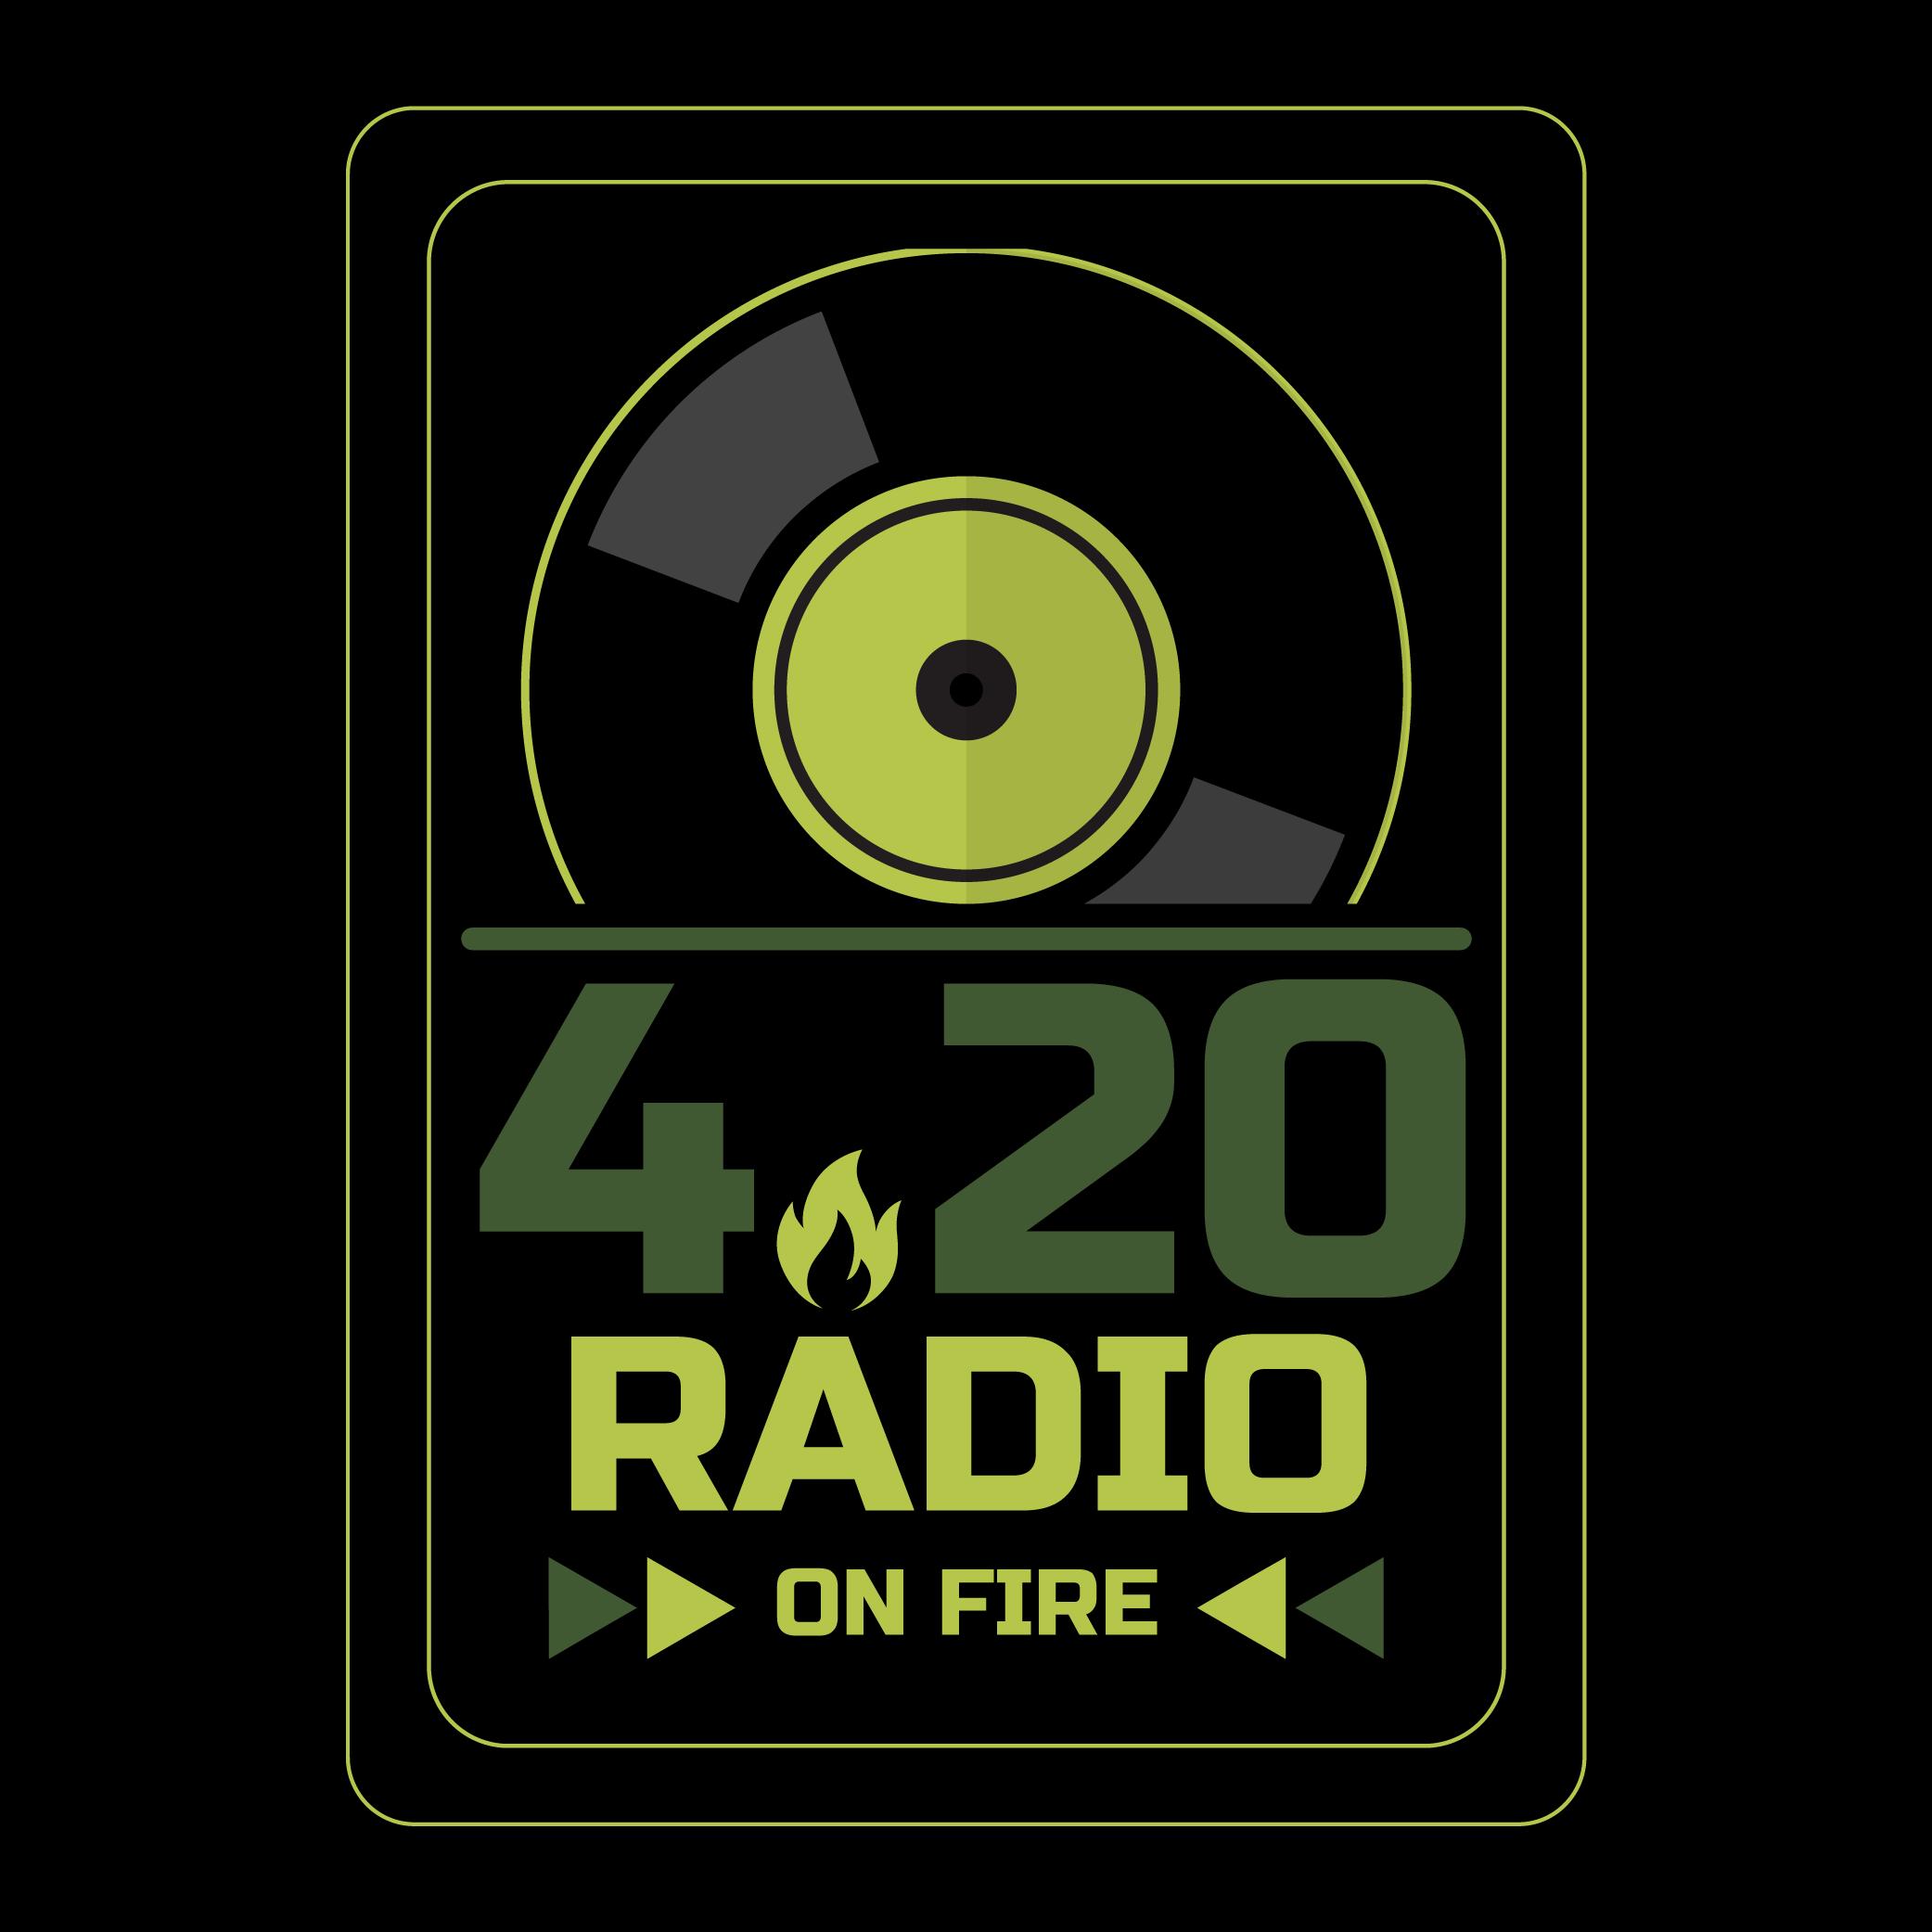 4.20 Radio